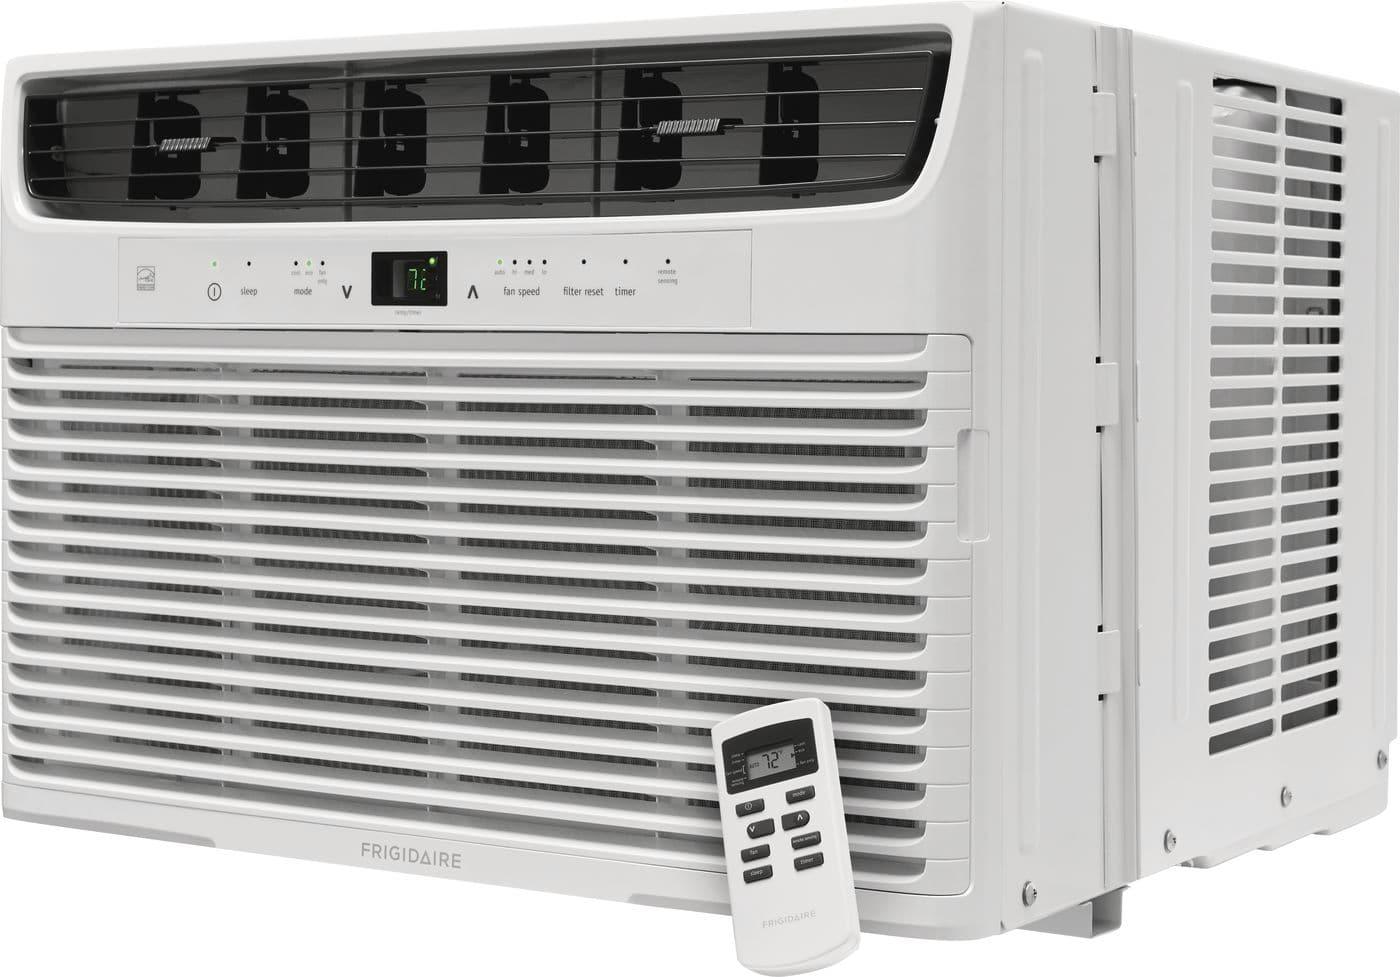 Model: FFRE1033U1 | Frigidaire 10,000 BTU Window-Mounted Room Air Conditioner